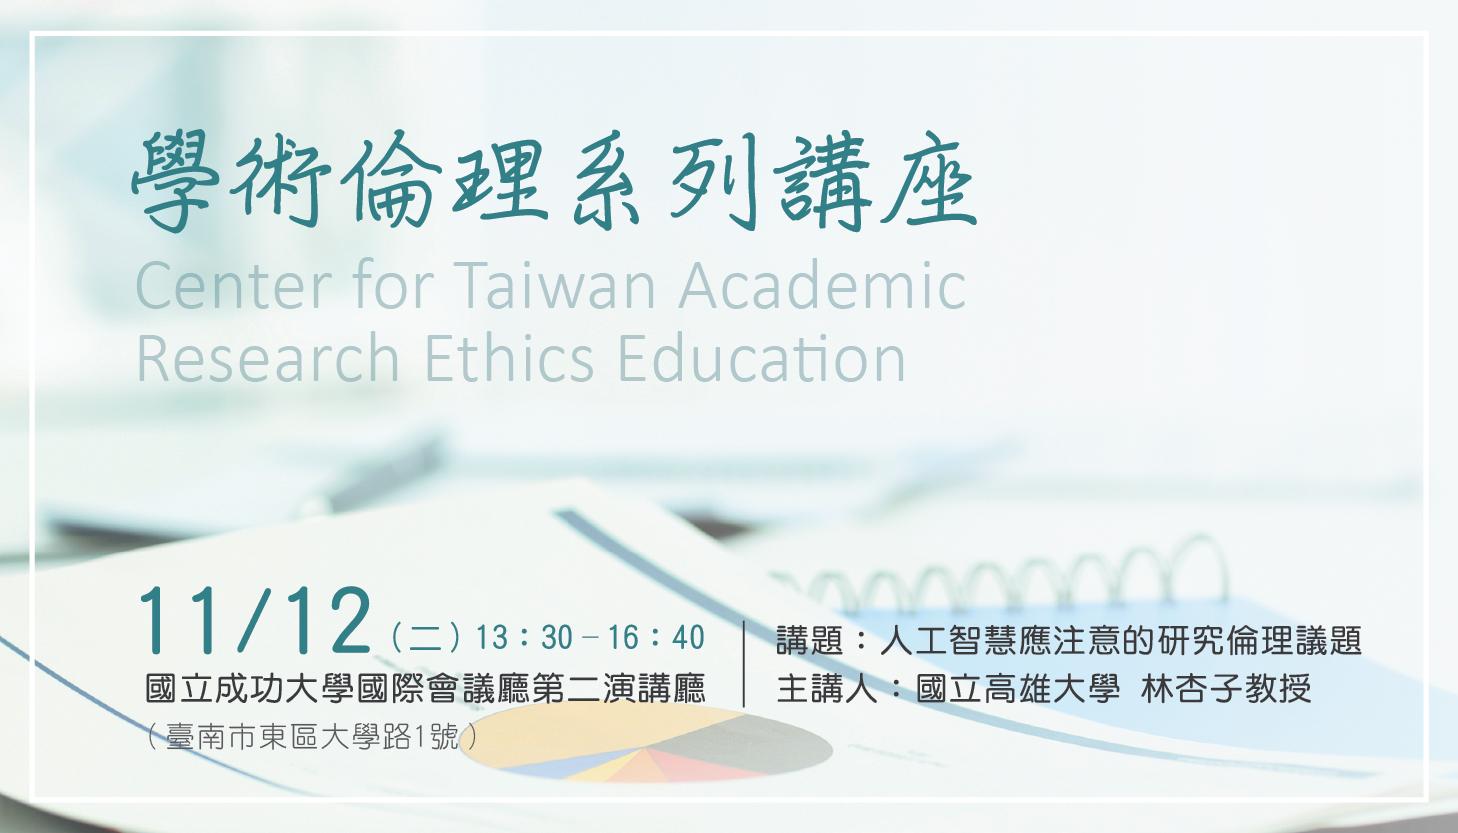 11月12日「教育部學術倫理系列講座(臺南場)」